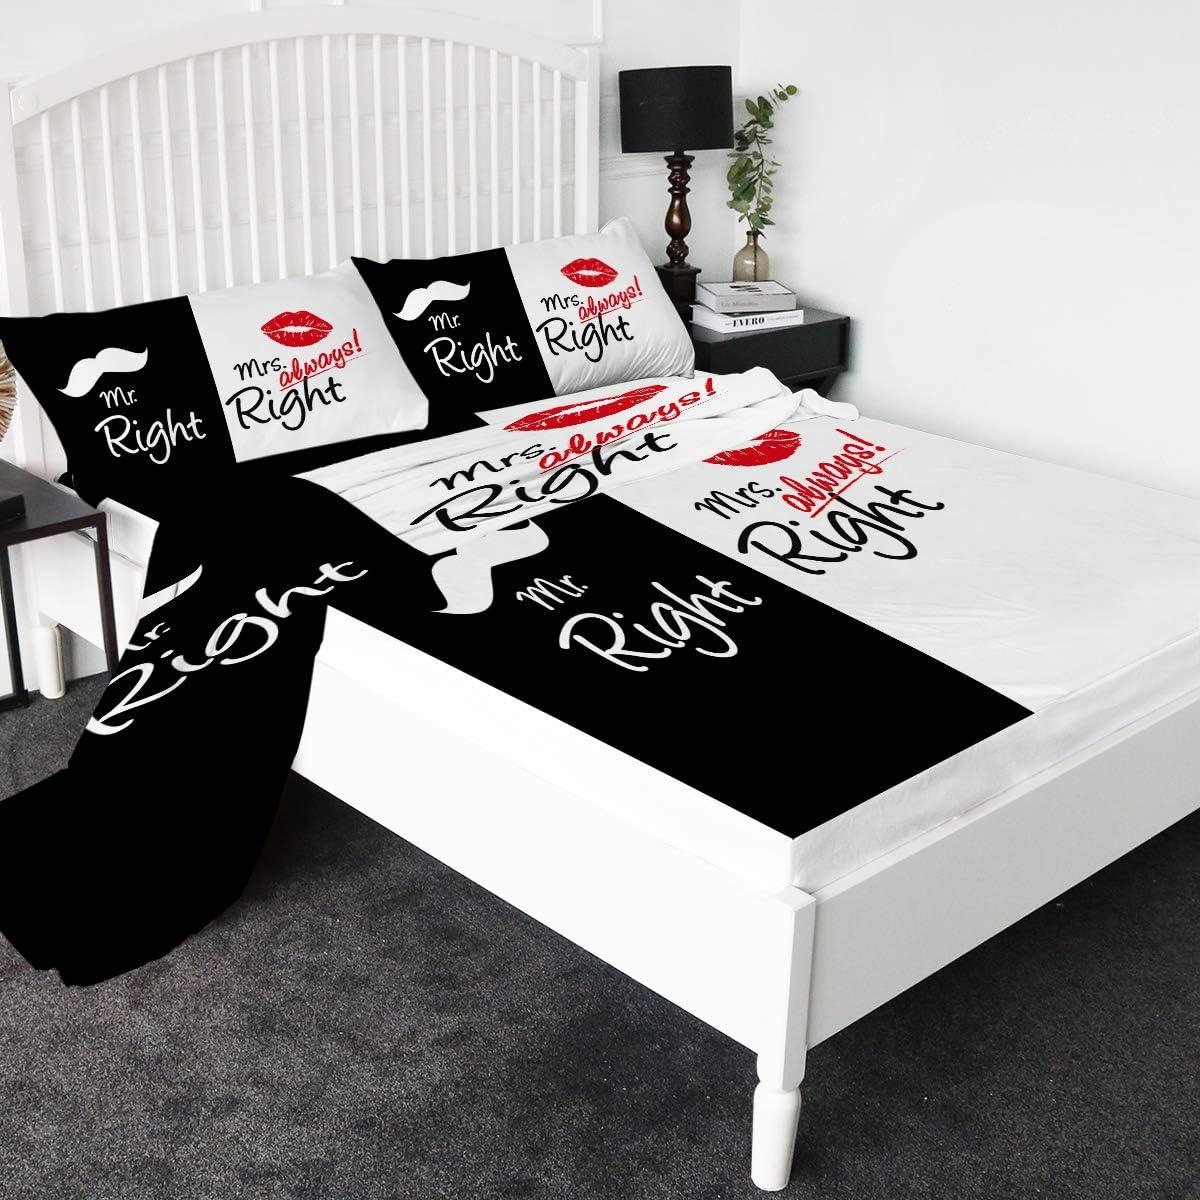 休日 Sleepwish Black and White Sheet Set Righ Right Mr. Mrs. デポー Always